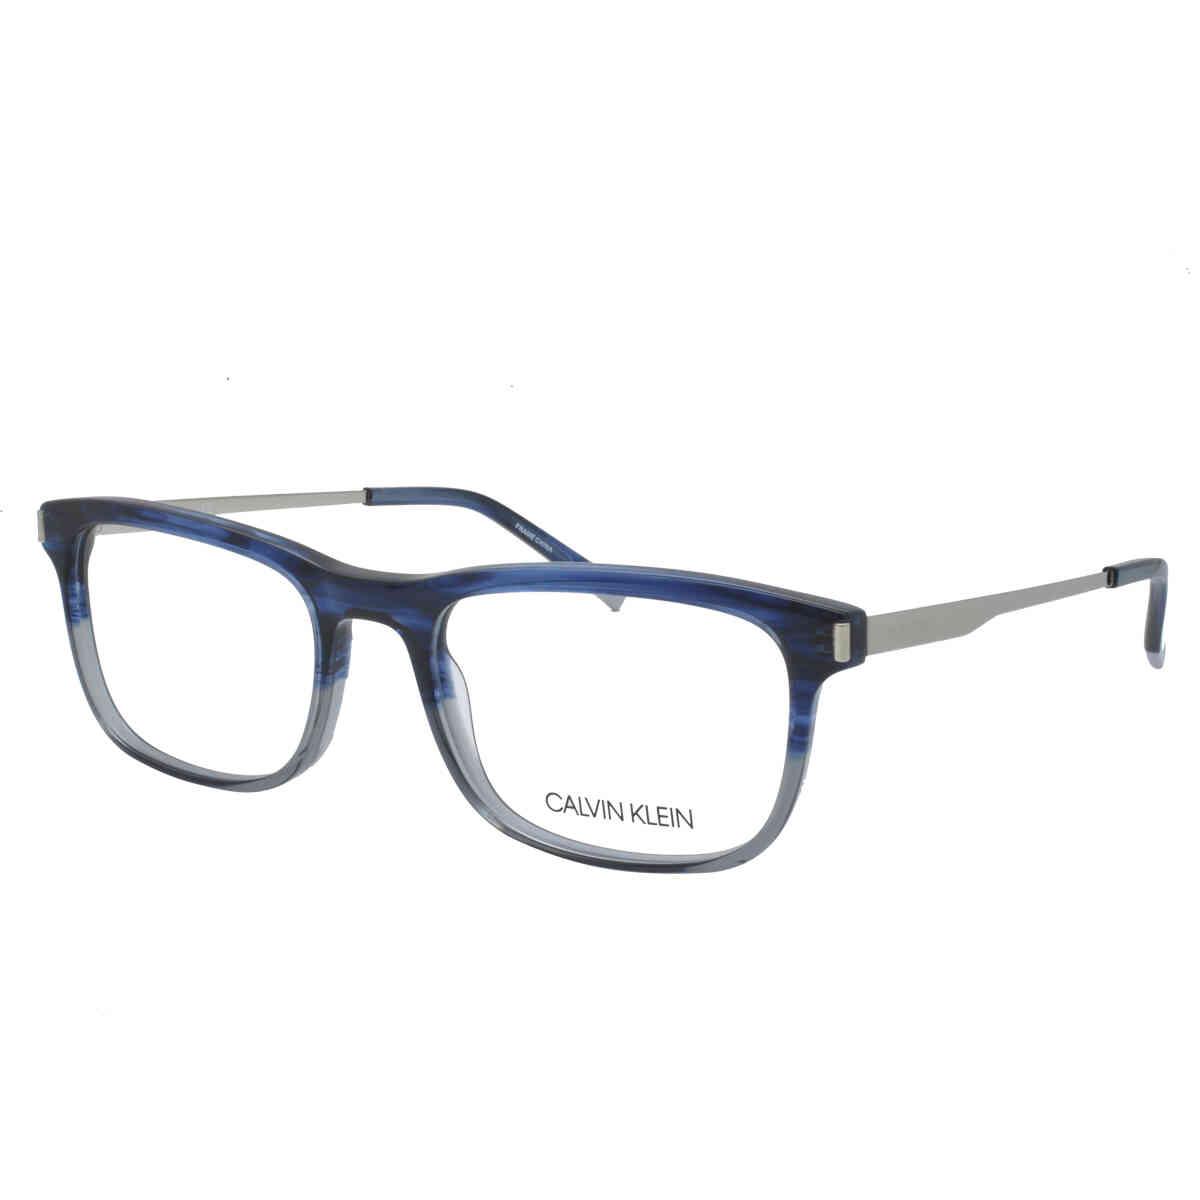 Óculos de Grau Calvin Klein Unissex CK5995